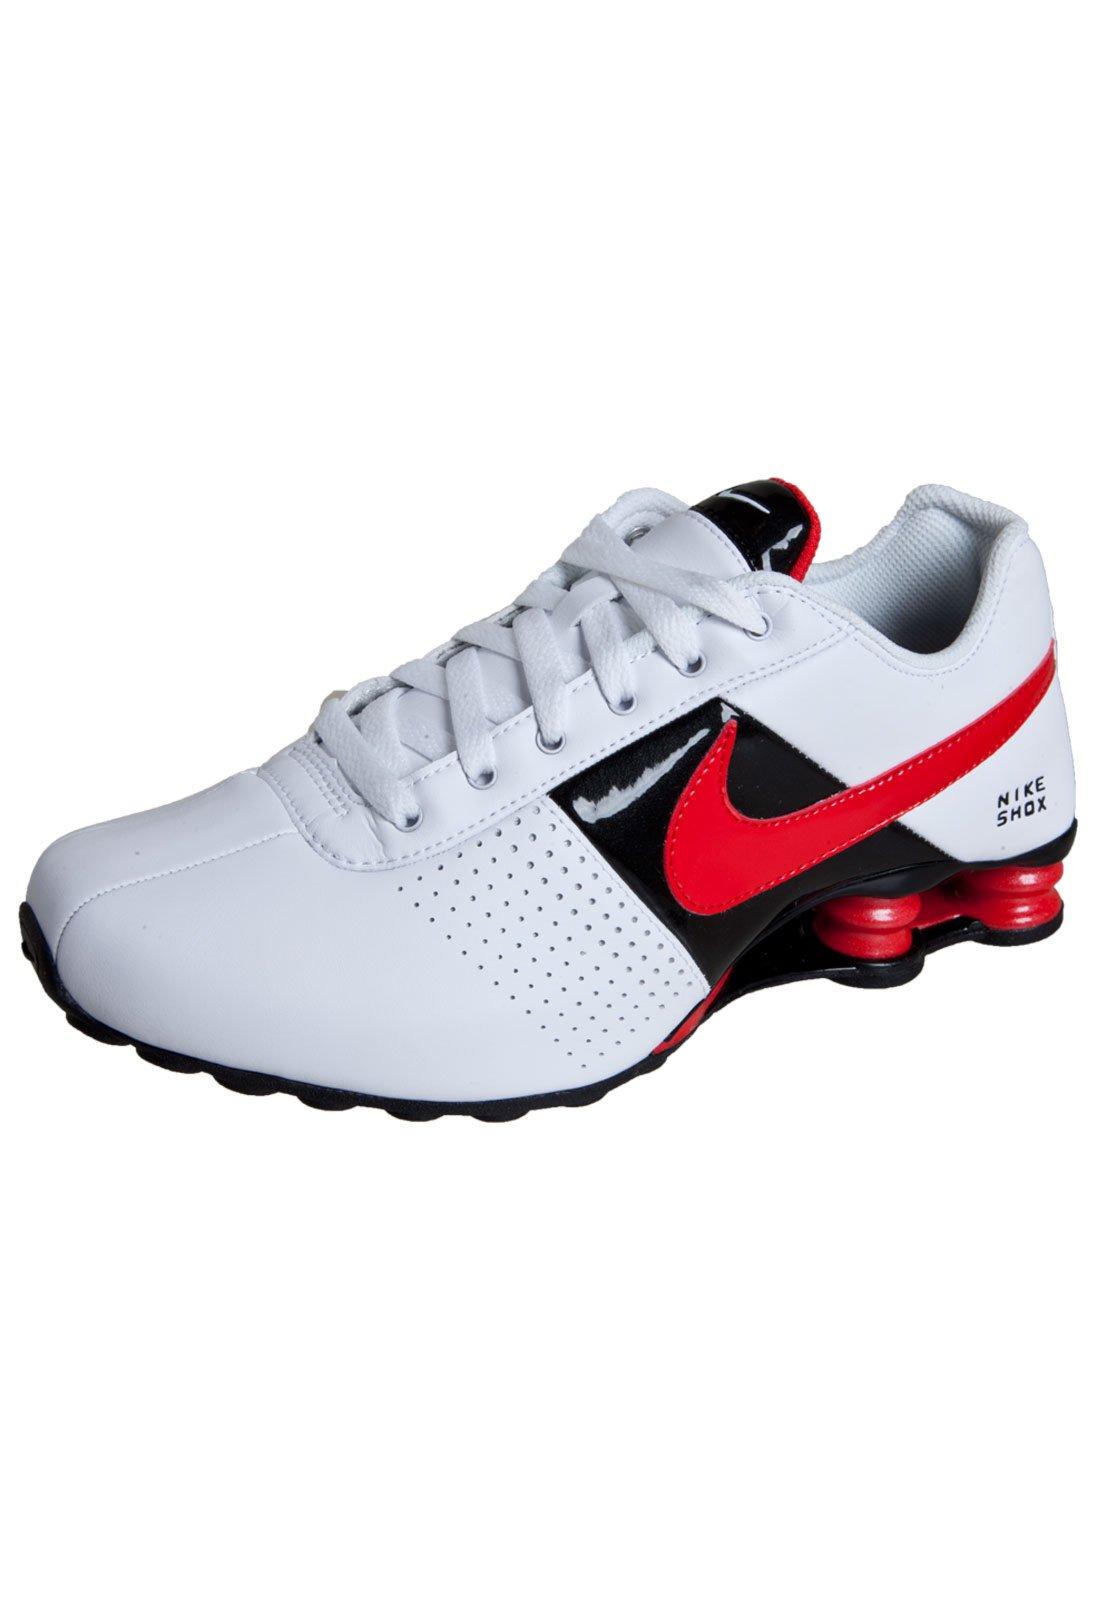 2f432f37252 nike shox comprar - Tenis Nike en Mercado Libre ES